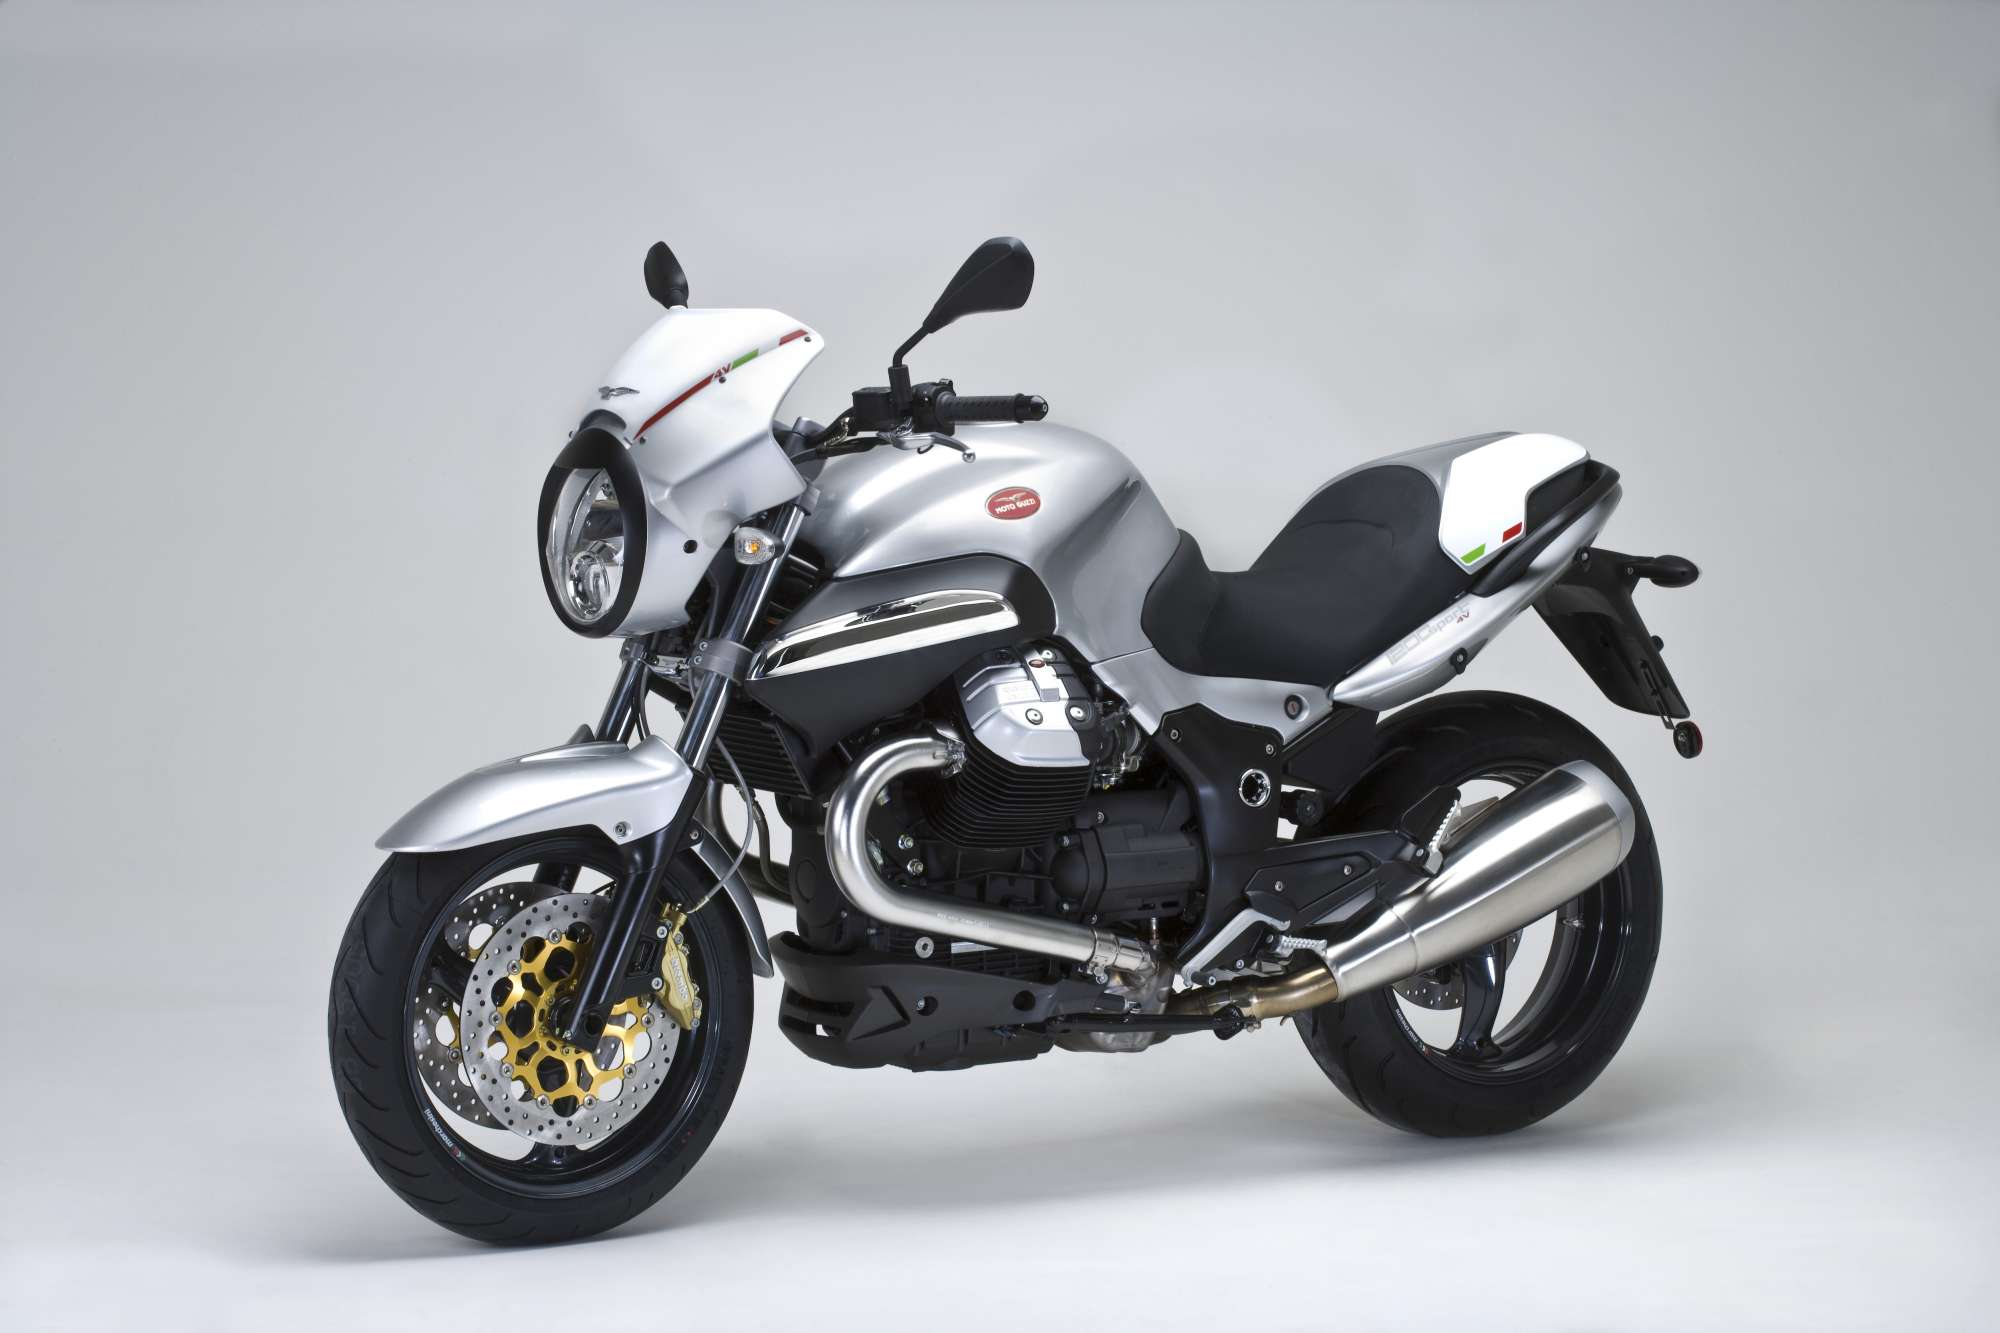 gebrauchte und neue moto guzzi 1200 sport motorr der kaufen. Black Bedroom Furniture Sets. Home Design Ideas